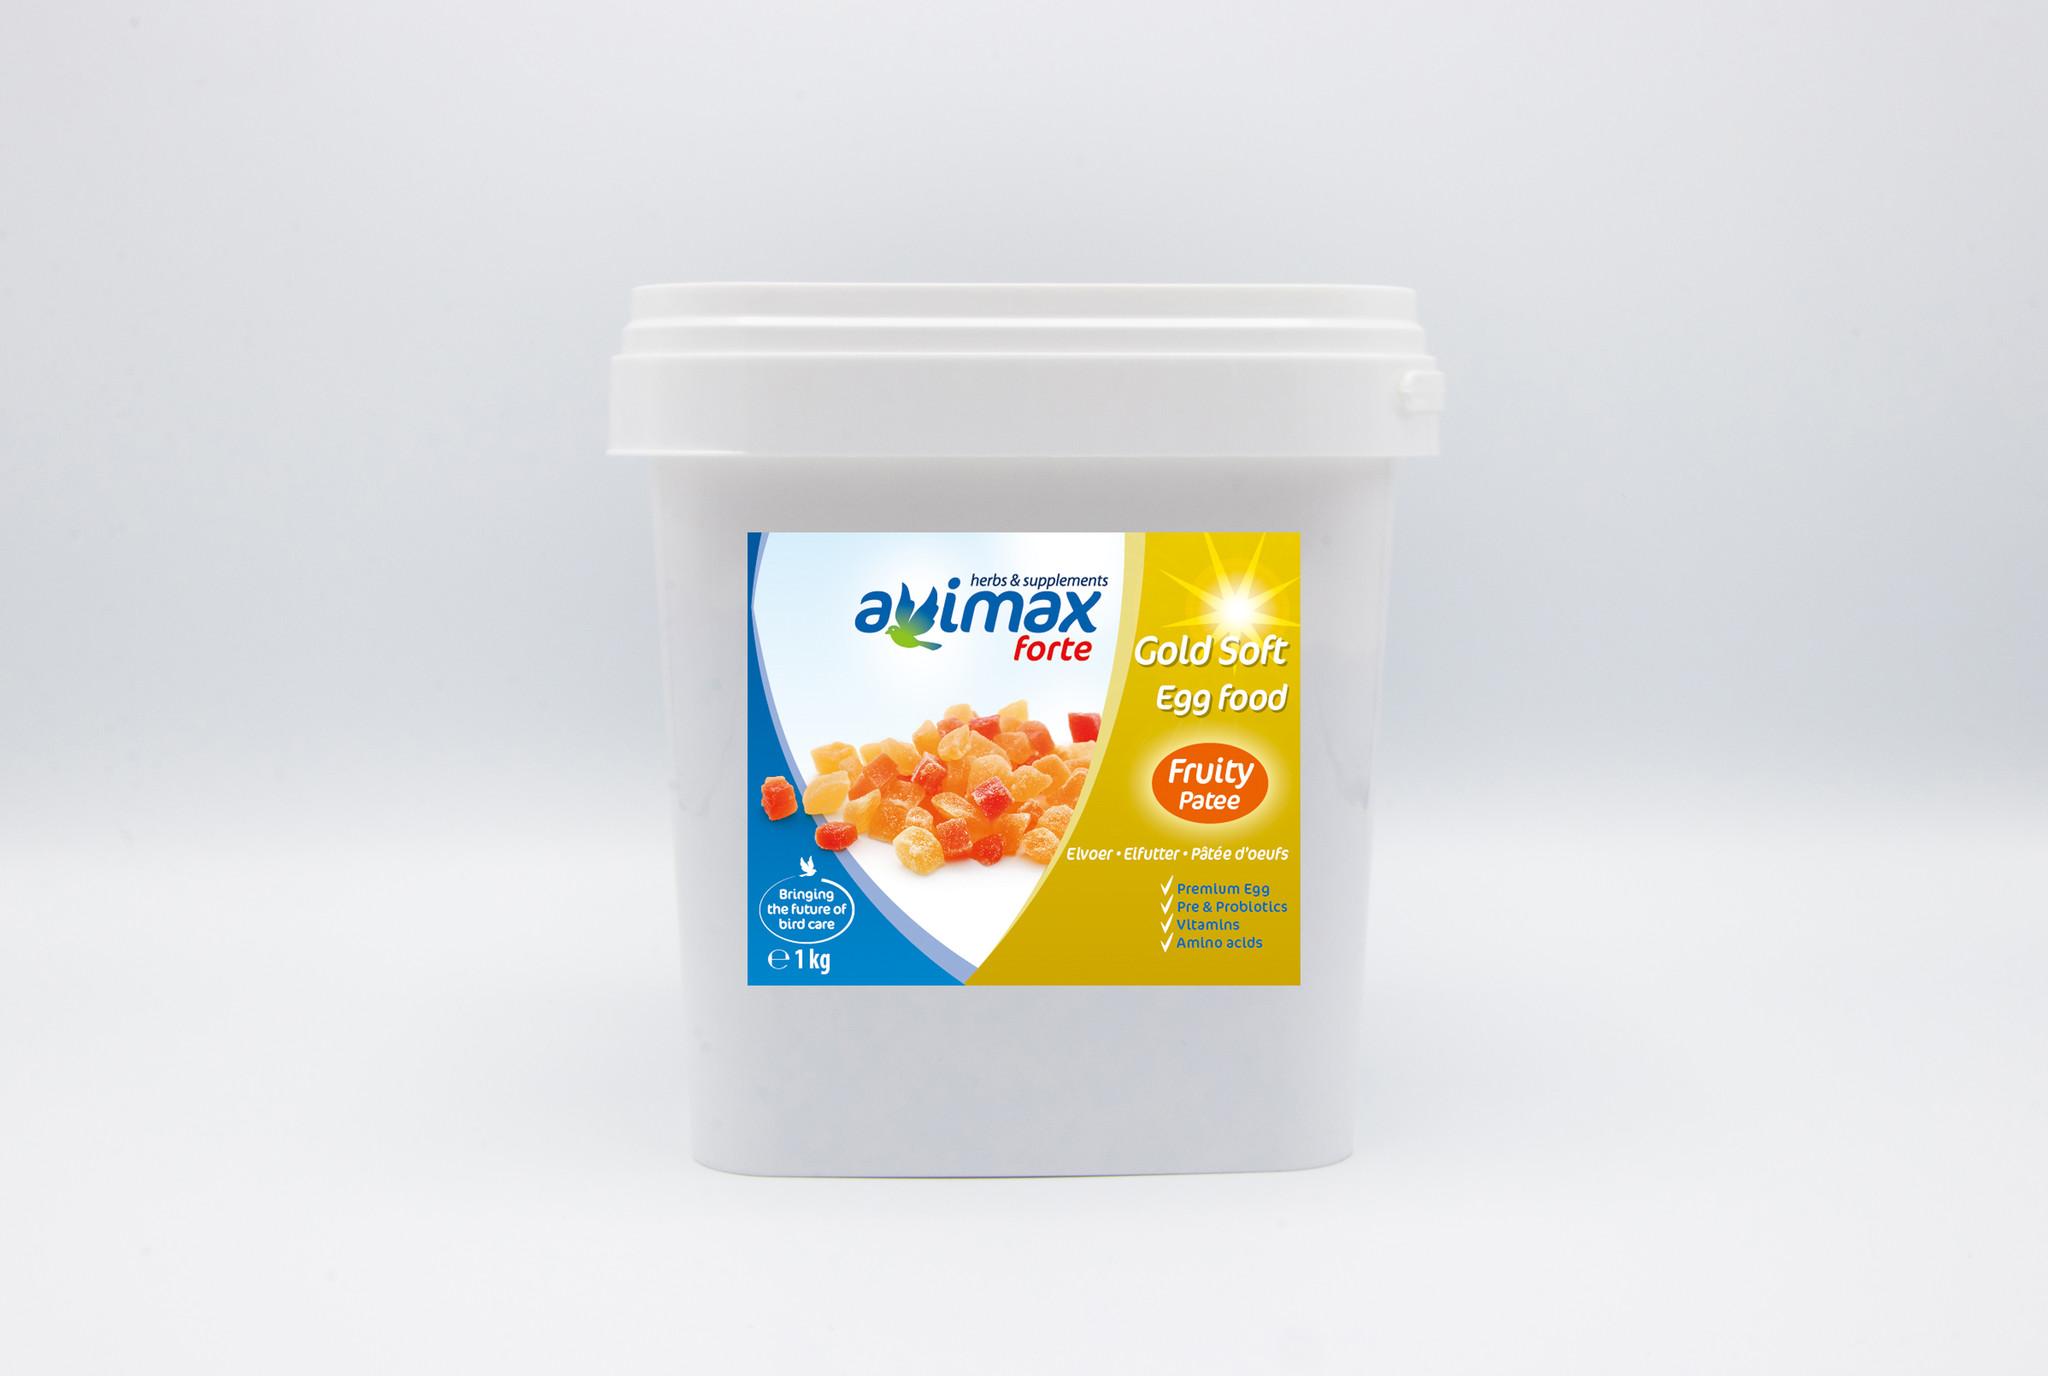 AviMax Forte AviMax Forte Gold Soft Fruity